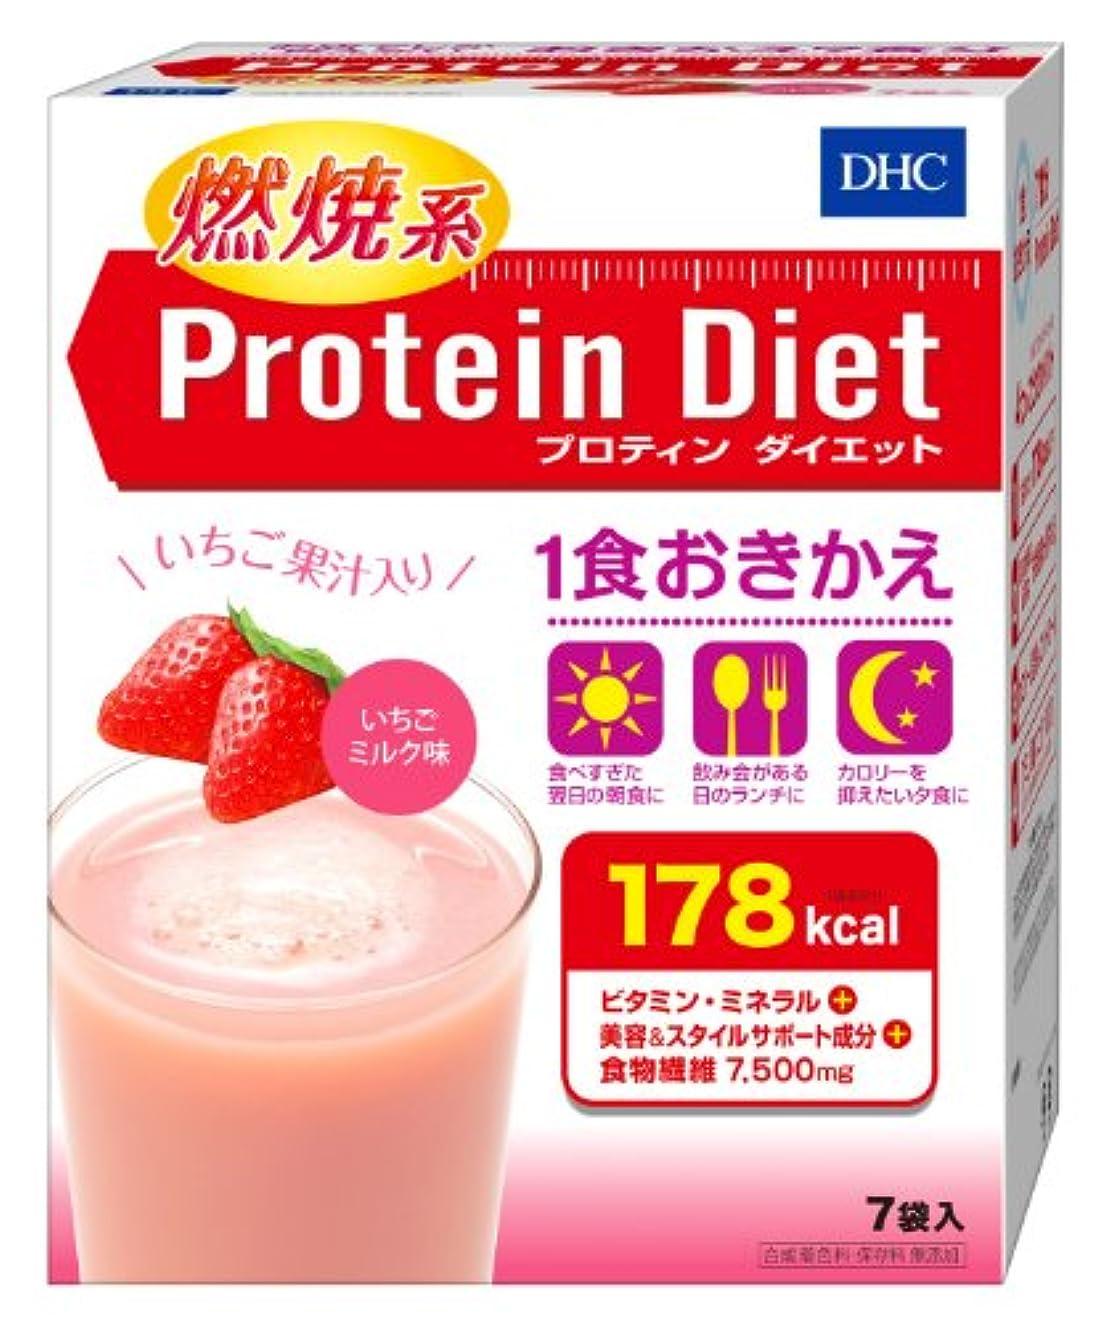 インテリアアルミニウムセイはさておきDHC プロティンダイエット いちごミルク味7袋入 50g×7袋入